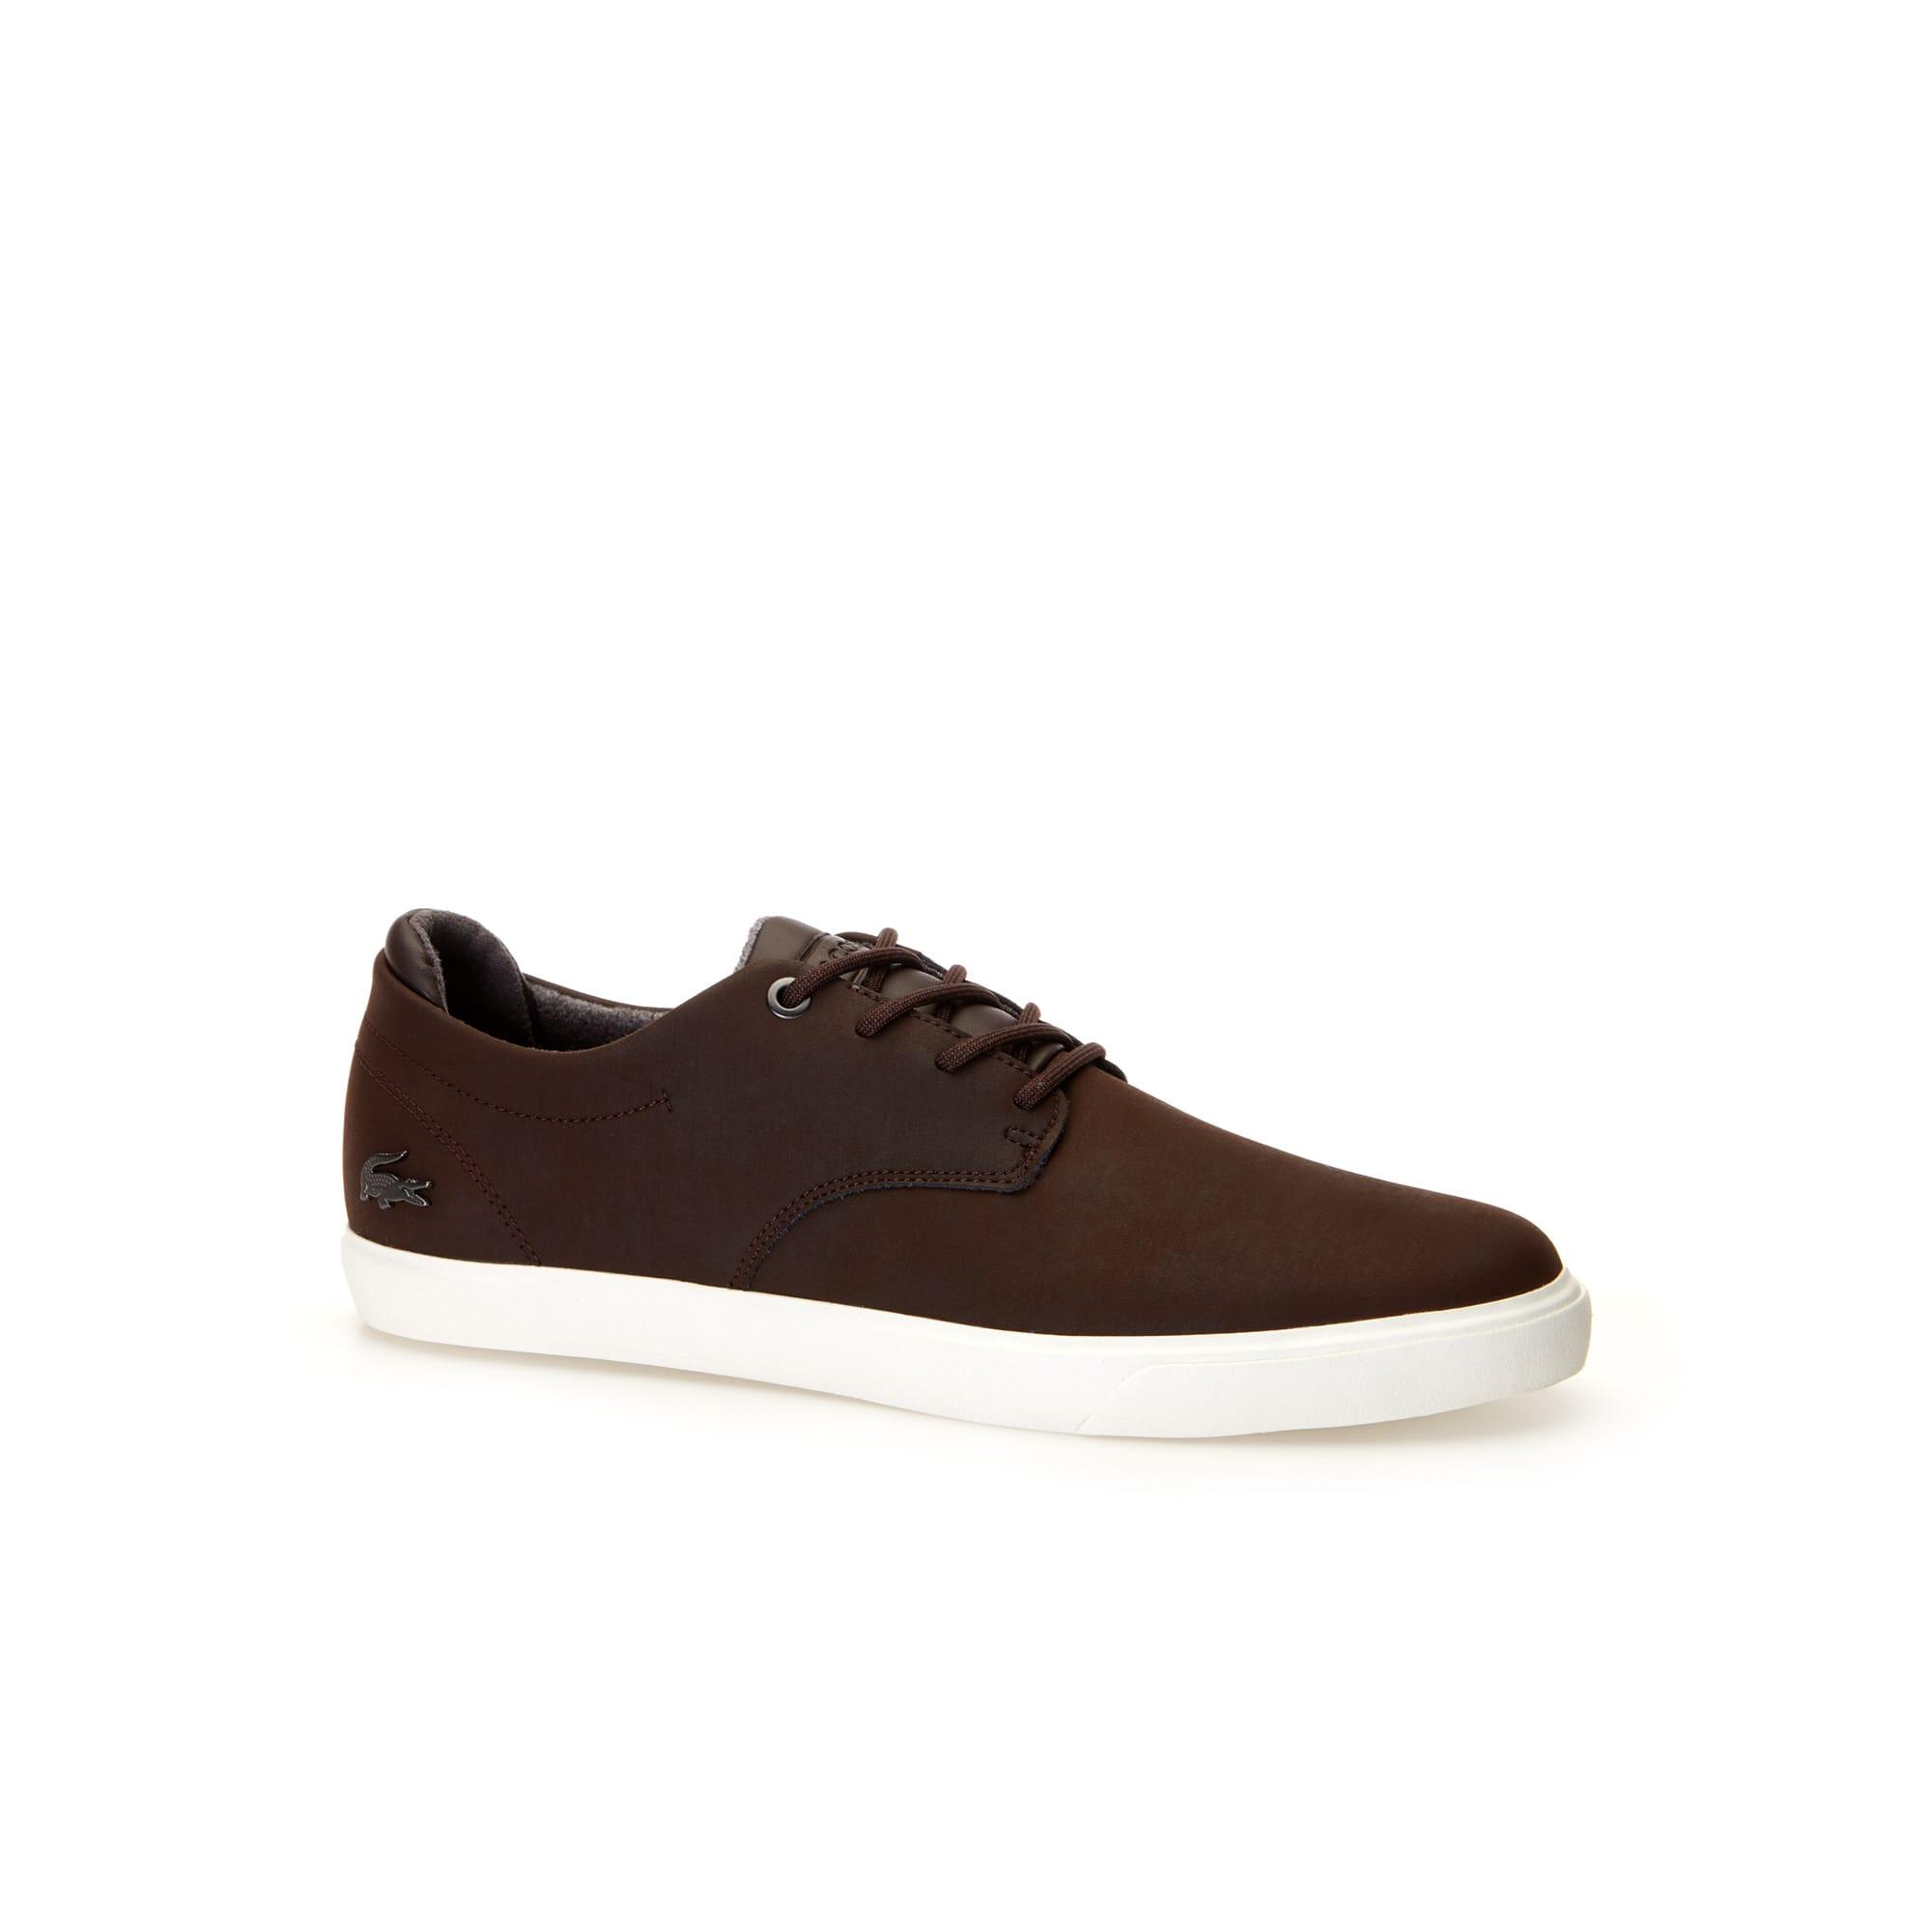 b2146b30a1ef Business-Schuhe für Männer   Herrenschuhe   LACOSTE